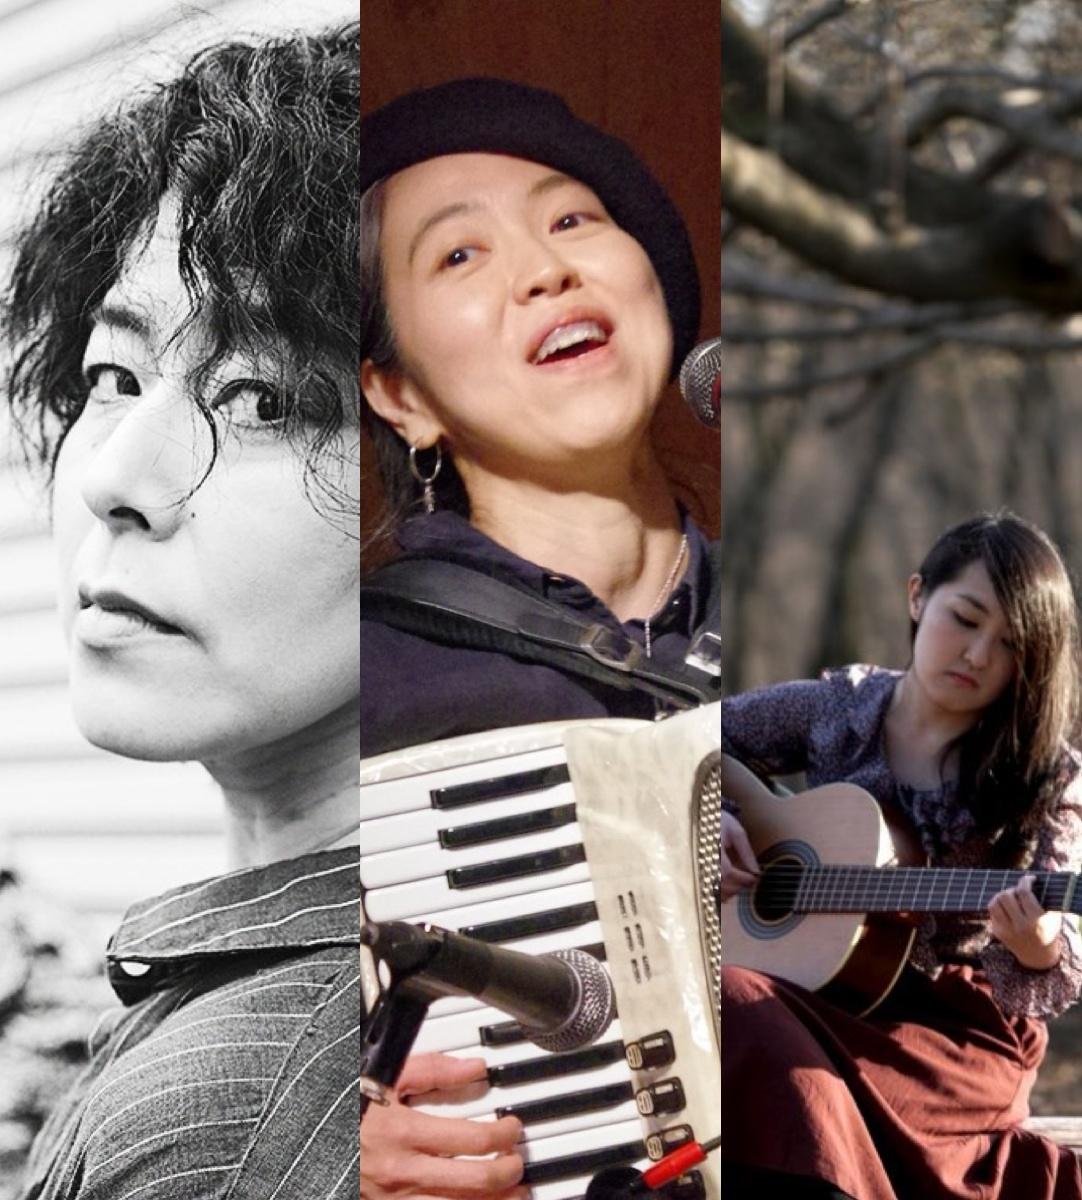 『昨日の子供たち』出演:青木マリ / オラン / 野口恵